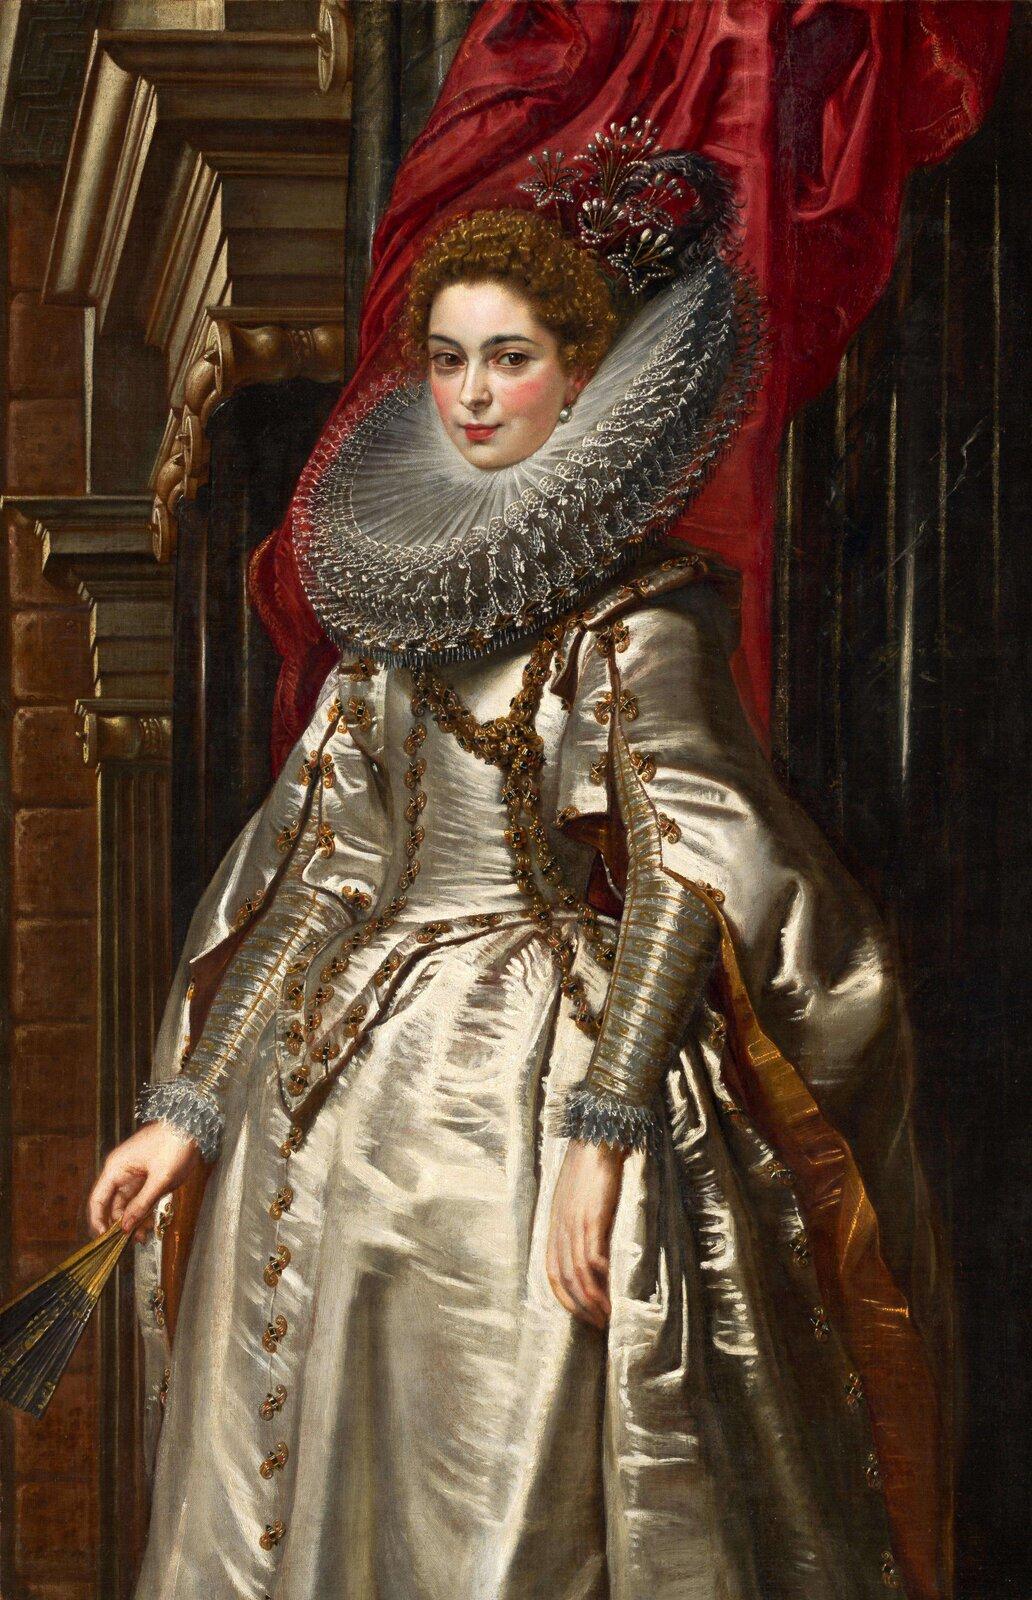 """Ilustracja przedstawia dzieło Petera Paula Rubensa """"Portret markizy Brygidy Spinola"""". Ukazuje stojącą we wnętrzu postać. Kobieta jest wytwornie ubrana. Na szyi ma kryzowany kołnierz. Atłasową suknię zdobią złote wykończenia ikoronki. Ma na sobie także płaszcz. Wręku trzyma wachlarz. Na twarzy ma rumieńce. Wnętrze jest eleganckie, zdobione pilastrami igzymsami. Za kobietą wisi czerwona kotara."""